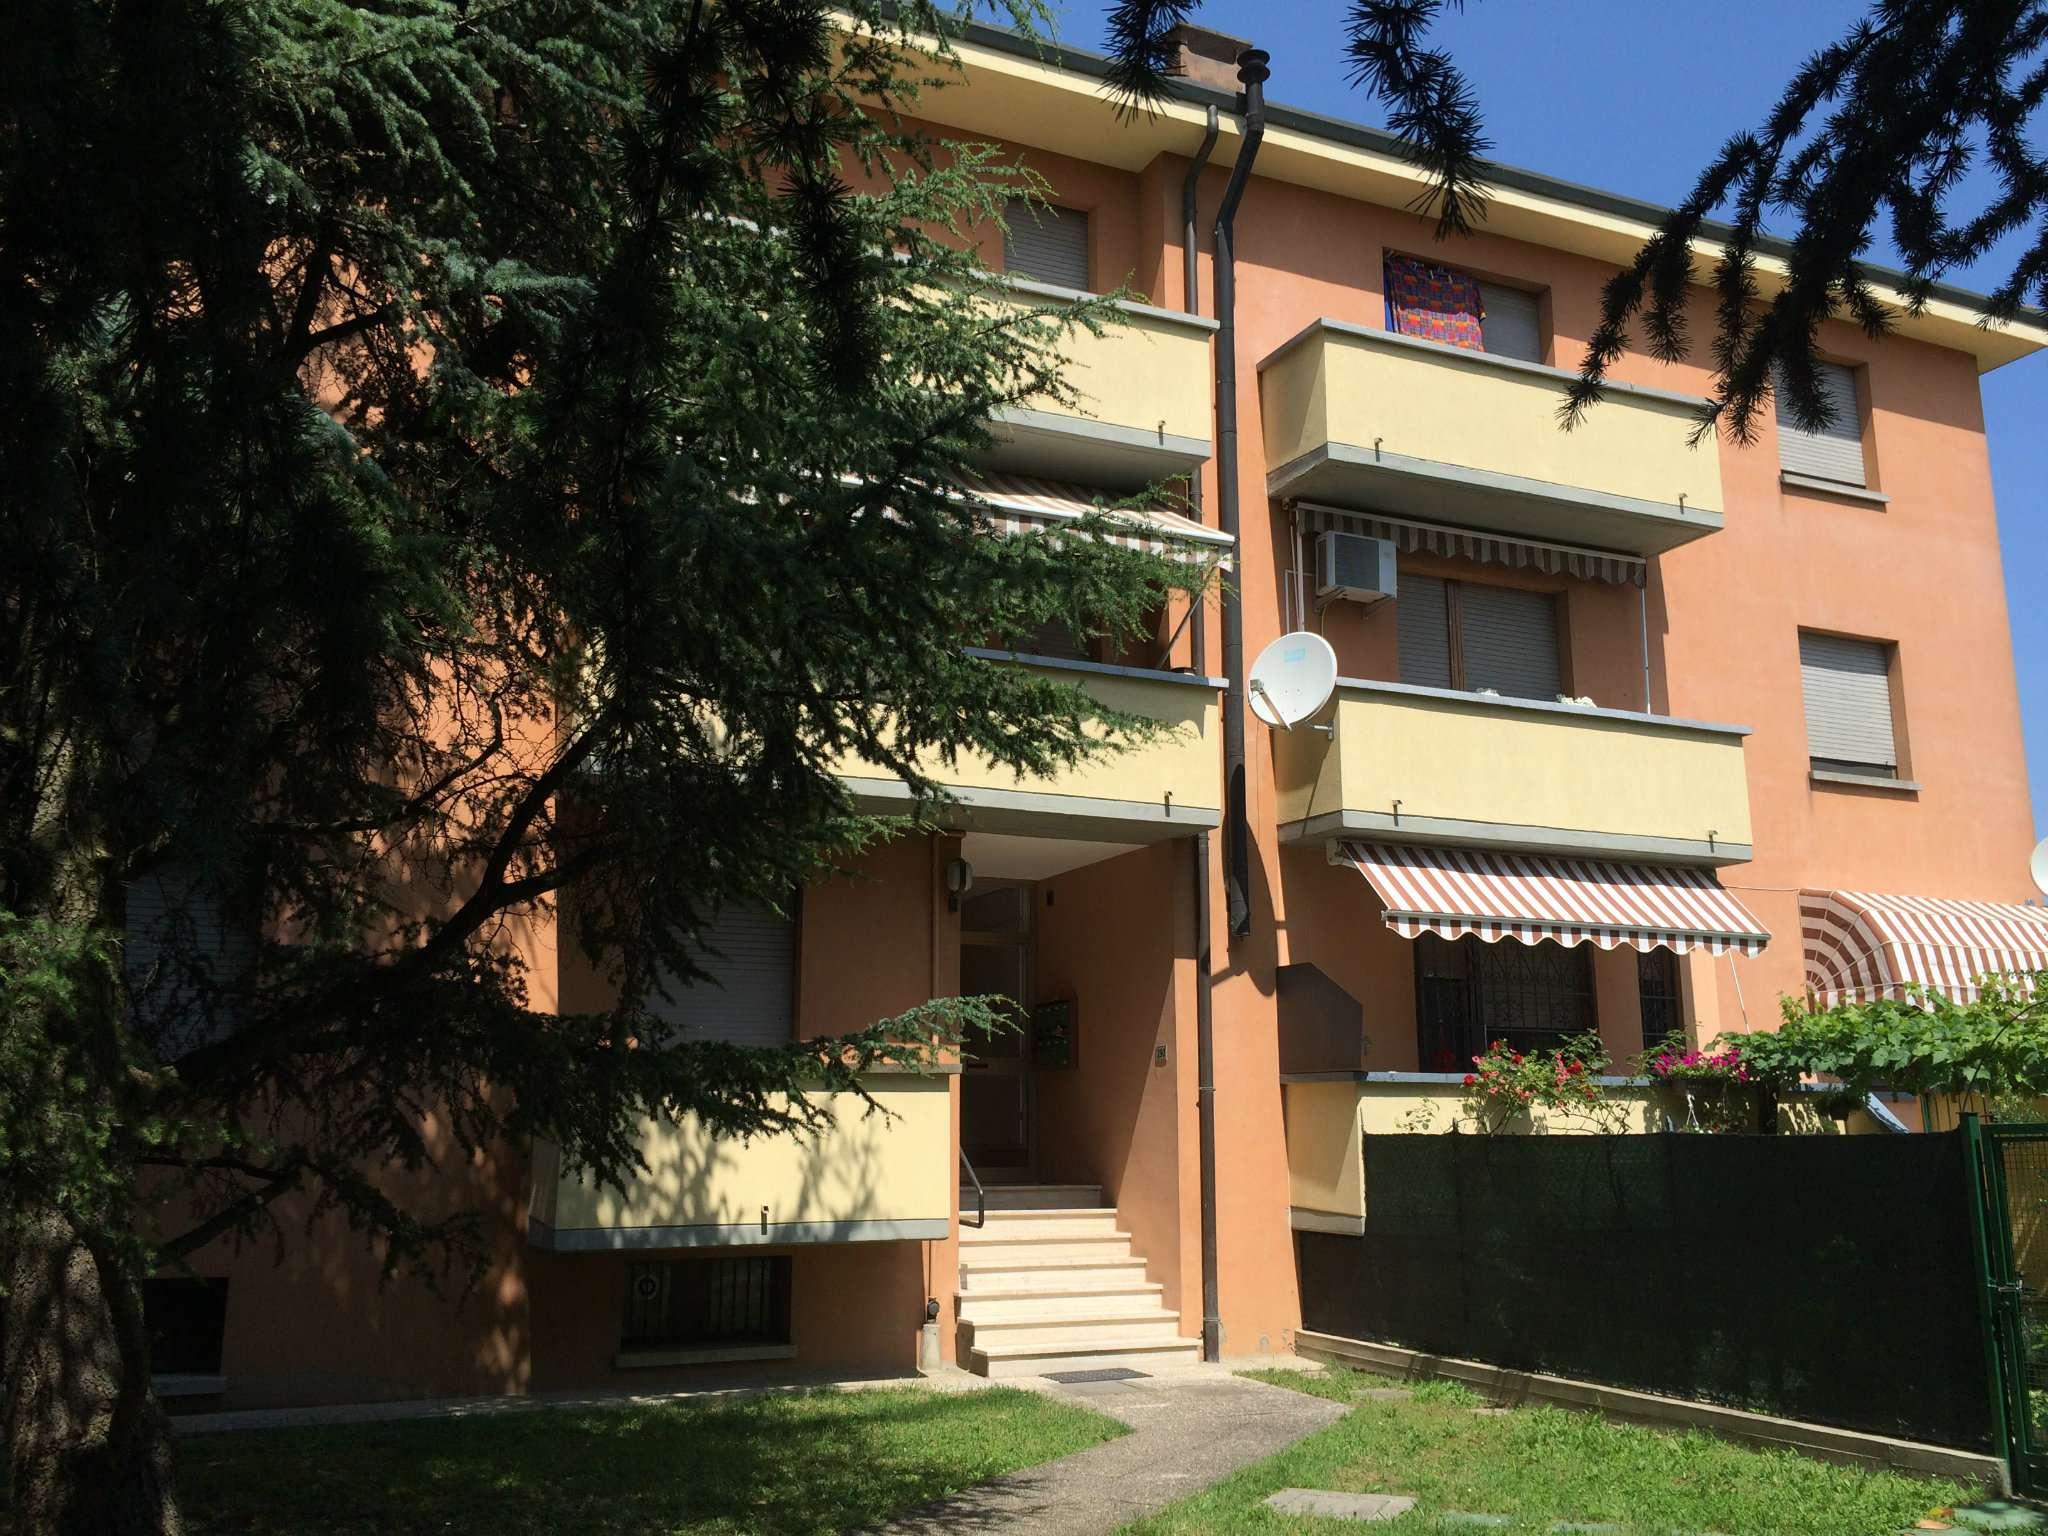 Appartamento in vendita a Argelato, 3 locali, prezzo € 85.000 | Cambio Casa.it